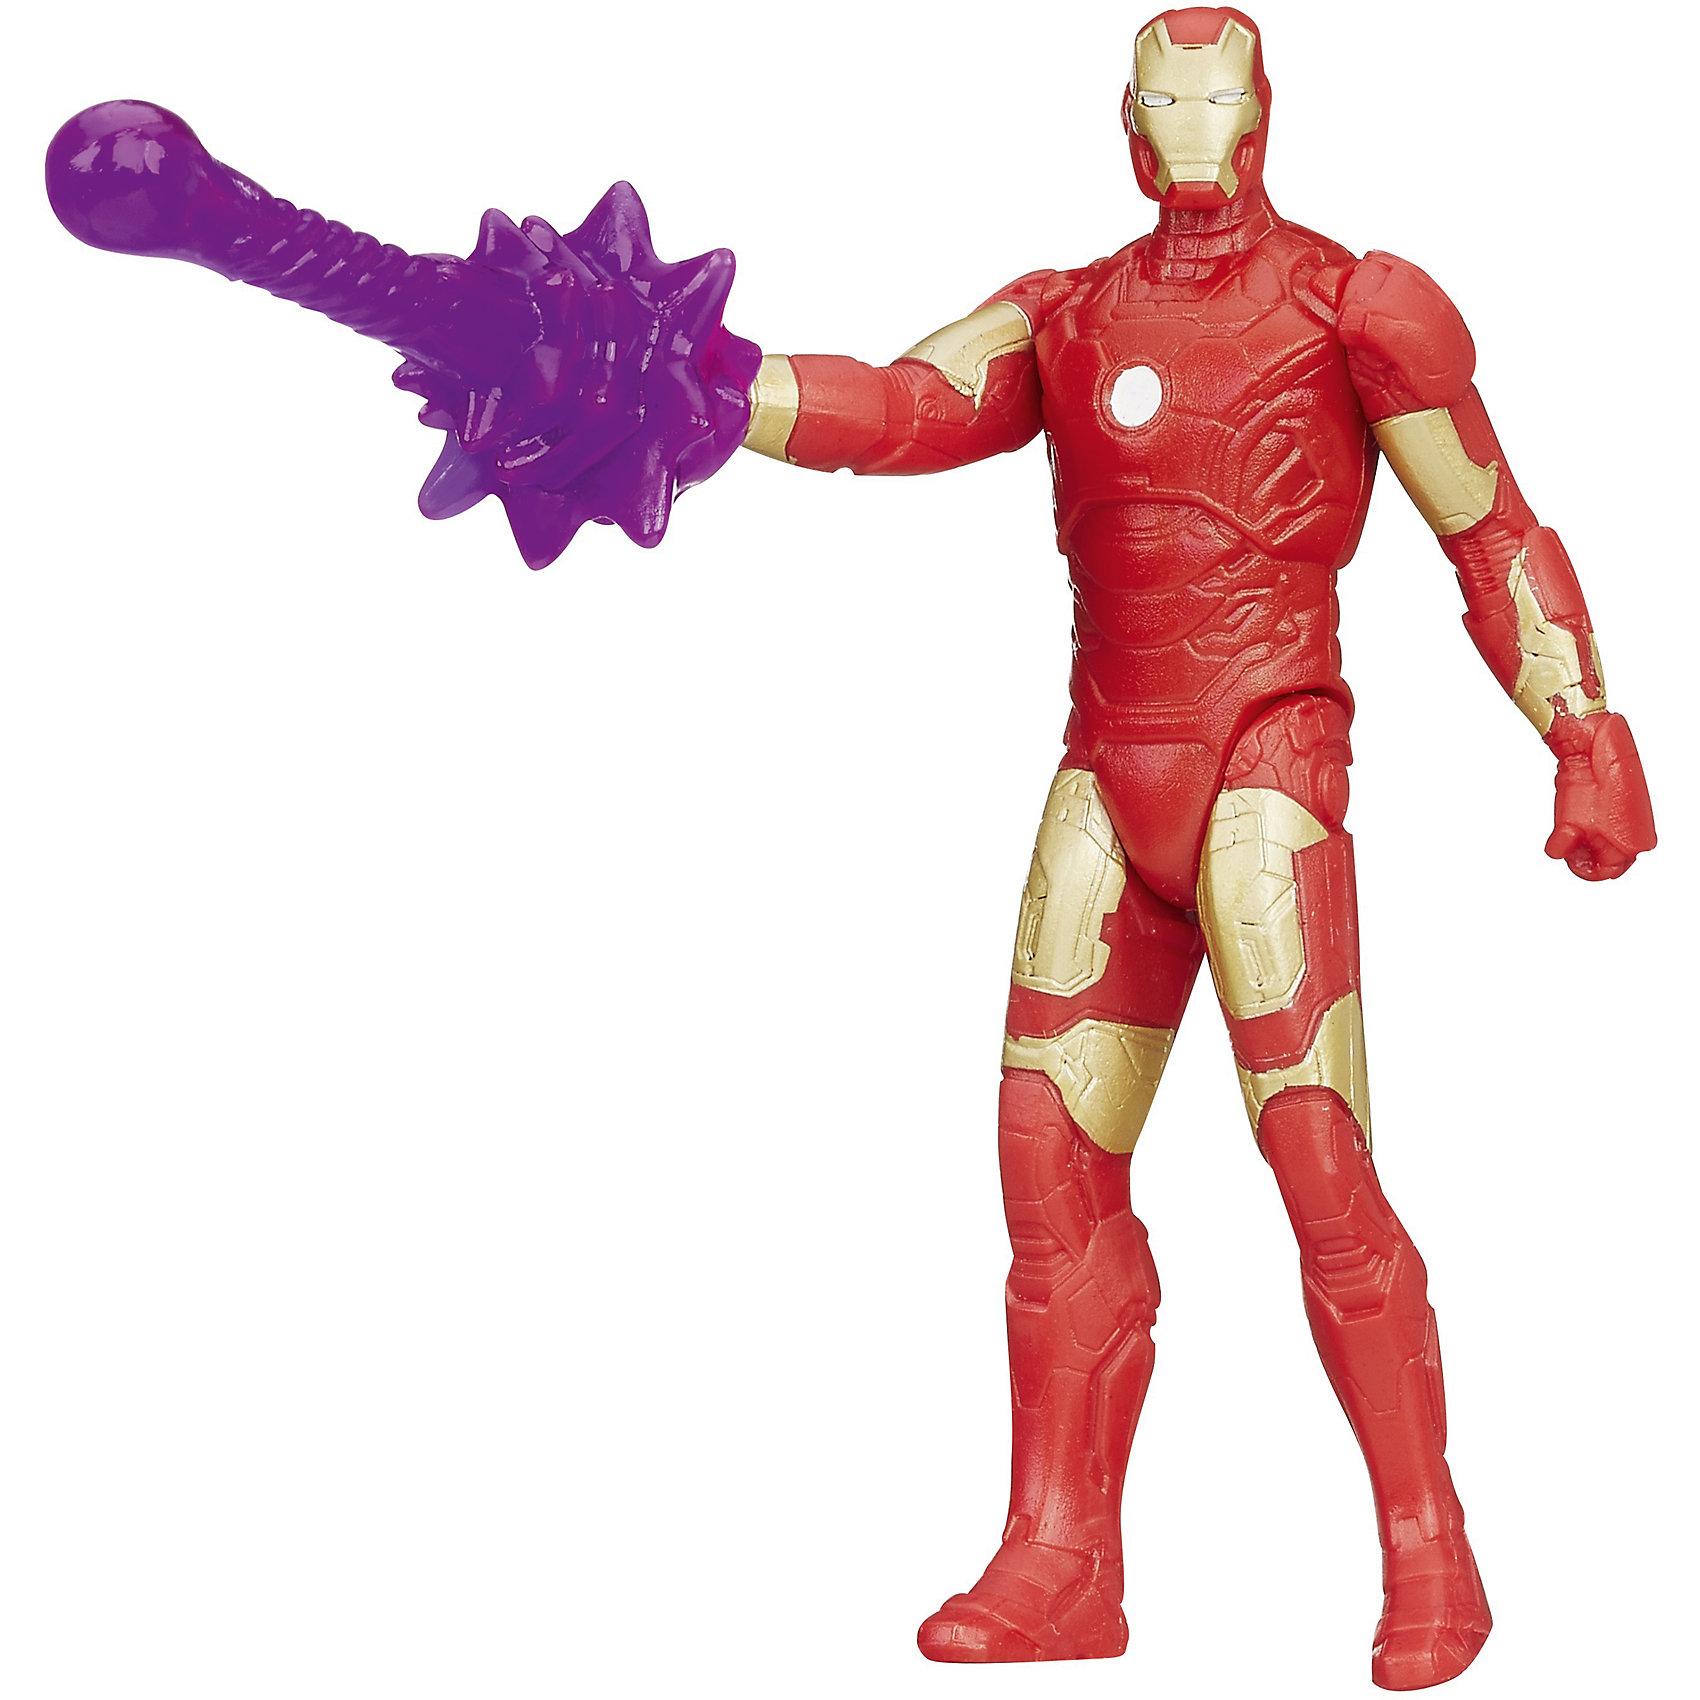 Фигурки Мстителей, 9,5 см., B0437/B0976Игрушки<br>Фигурки Мстителей, 9,5 см., в ассортименте – эта фигурка приведет в восторг любого мальчишку! Фигурка «Мстители», выполненная из высококачественной пластмассы, представляет собой копию известного супергероя из мира Marvel. Фигурка имеет подвижную голову, ноги и руки, а также точную детальную проработку, которая просто поражает. Ваш малыш может выбрать любую из фигур четырех титанов. Капитан Америка – патриотический герой со щитом, окрашенным в цвета флага США. Неуязвимый железный человек в металлических доспехах с оружием. Невероятный зеленый Халк-гигант, имеющий супер способности и невероятную силу. И последняя мифическая фигурка – это скандинавский Тор, вооруженный молотом.  Дополнительная информация:  - В наборе: 1 фигурка - В ассортименте 4 фигурки: Капитан Америка, Железный Человек, Халк, Тор - Высота фигурки: 9,5 см. - Материал: пластмасса - Размер упаковки: 4 x 18 x 13 см. - ВНИМАНИЕ! Данный артикул представлен в разных вариантах исполнения. К сожалению, заранее выбрать определенный вариант невозможно. При заказе нескольких наборов возможно получение одинаковых  Фигурки Мстителей (Avengers) 9,5 см., в ассортименте можно купить в нашем интернет-магазине.<br><br>Ширина мм: 182<br>Глубина мм: 119<br>Высота мм: 40<br>Вес г: 82<br>Возраст от месяцев: 48<br>Возраст до месяцев: 96<br>Пол: Мужской<br>Возраст: Детский<br>SKU: 4803367